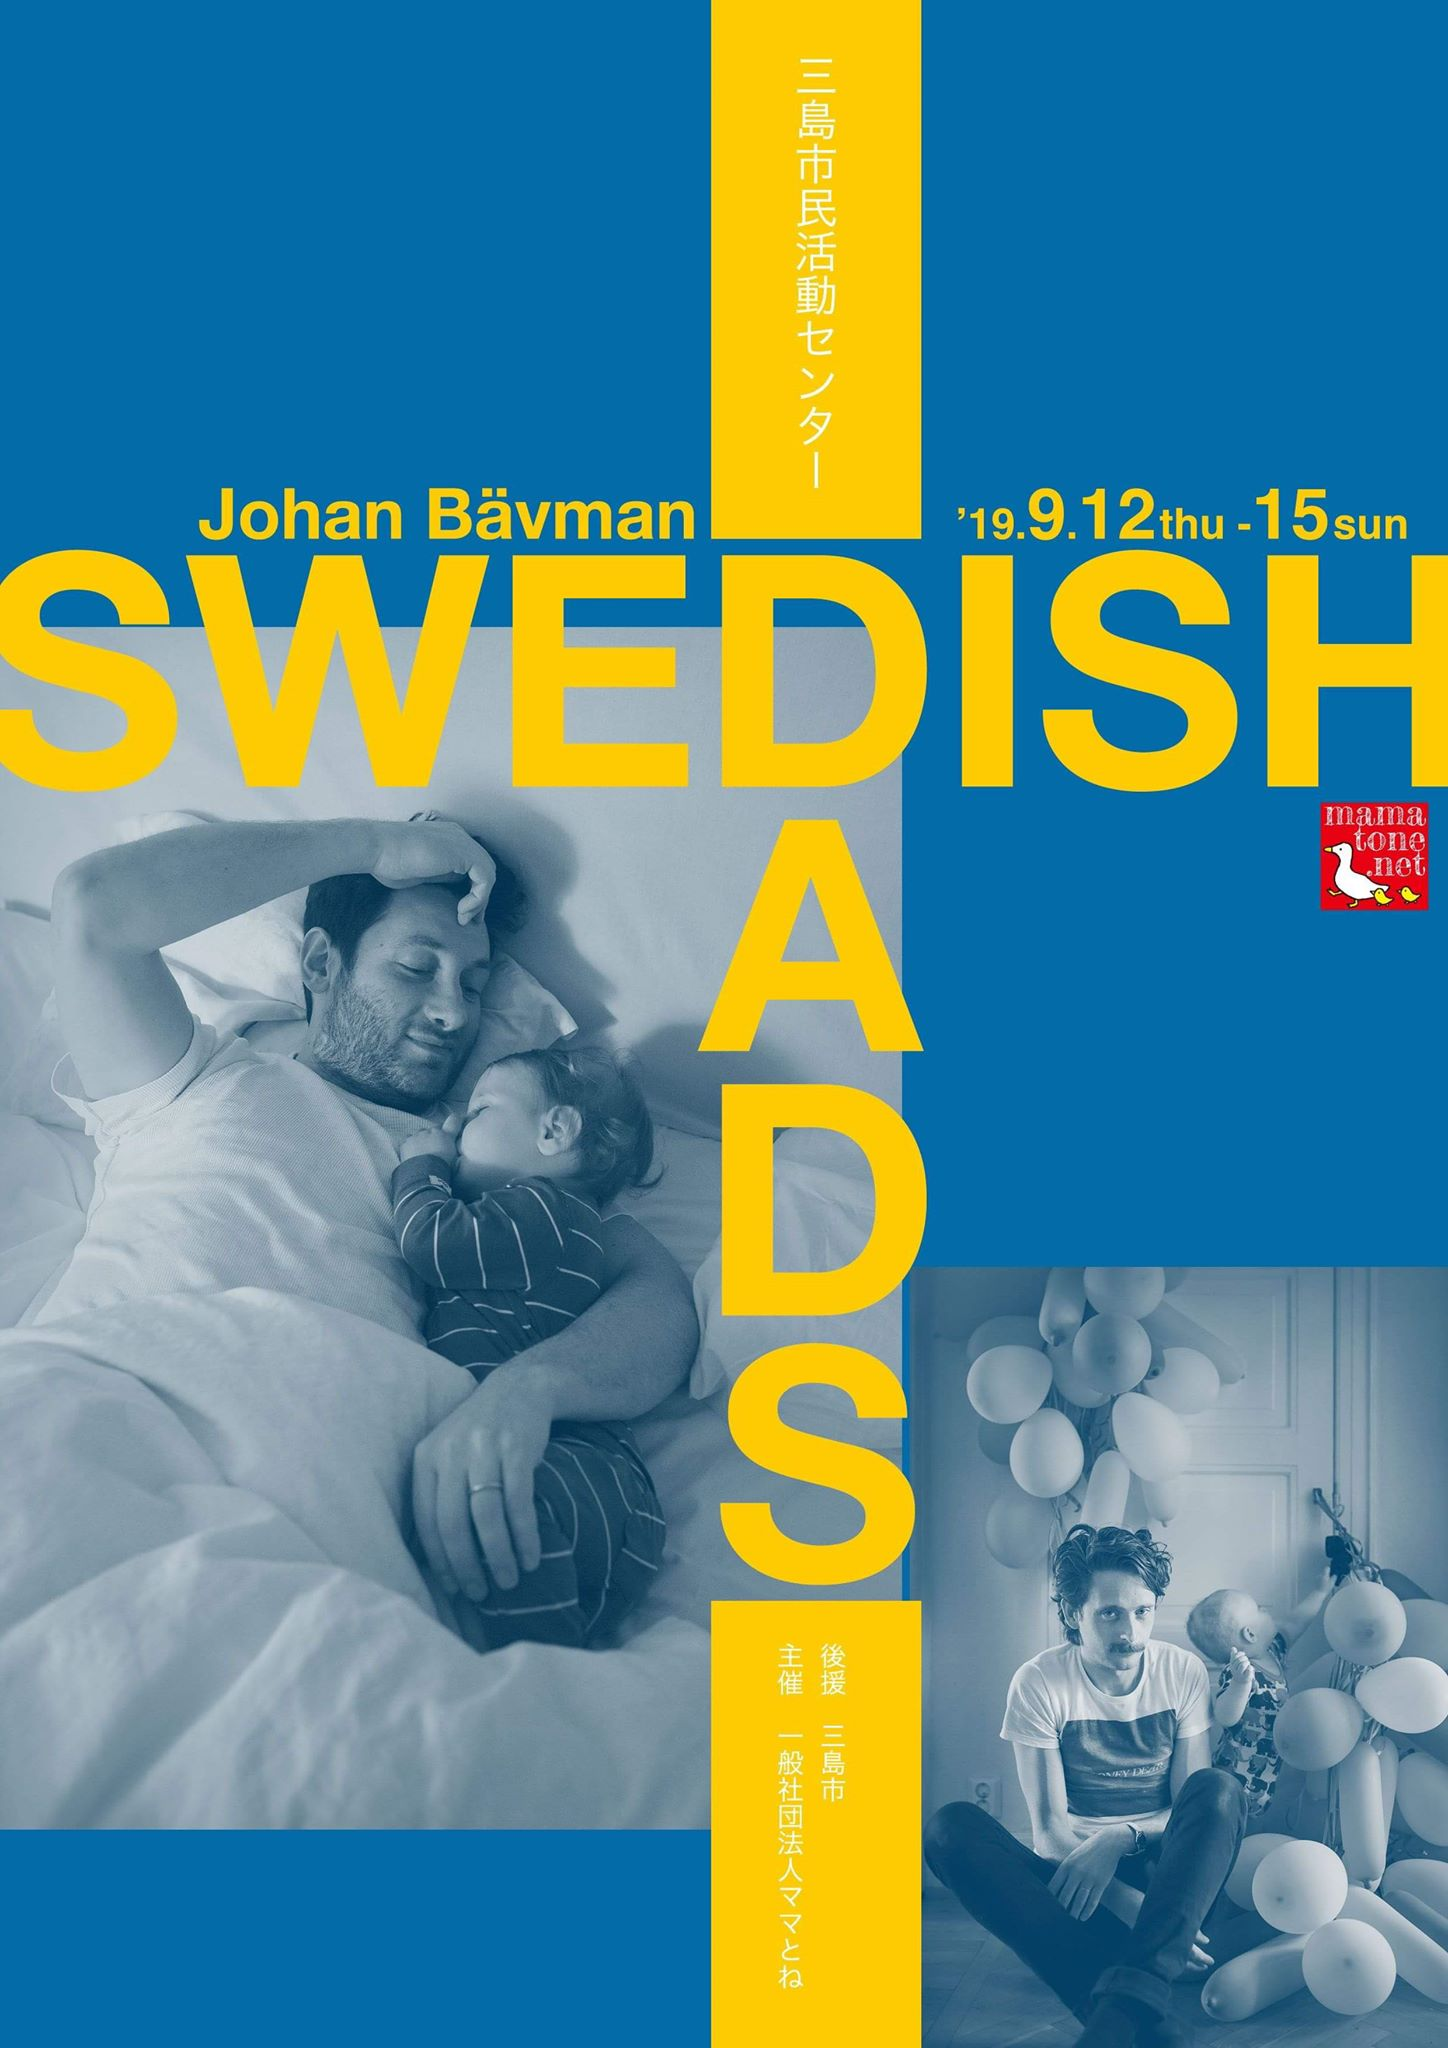 写真展「スウェーデンのパパたち」